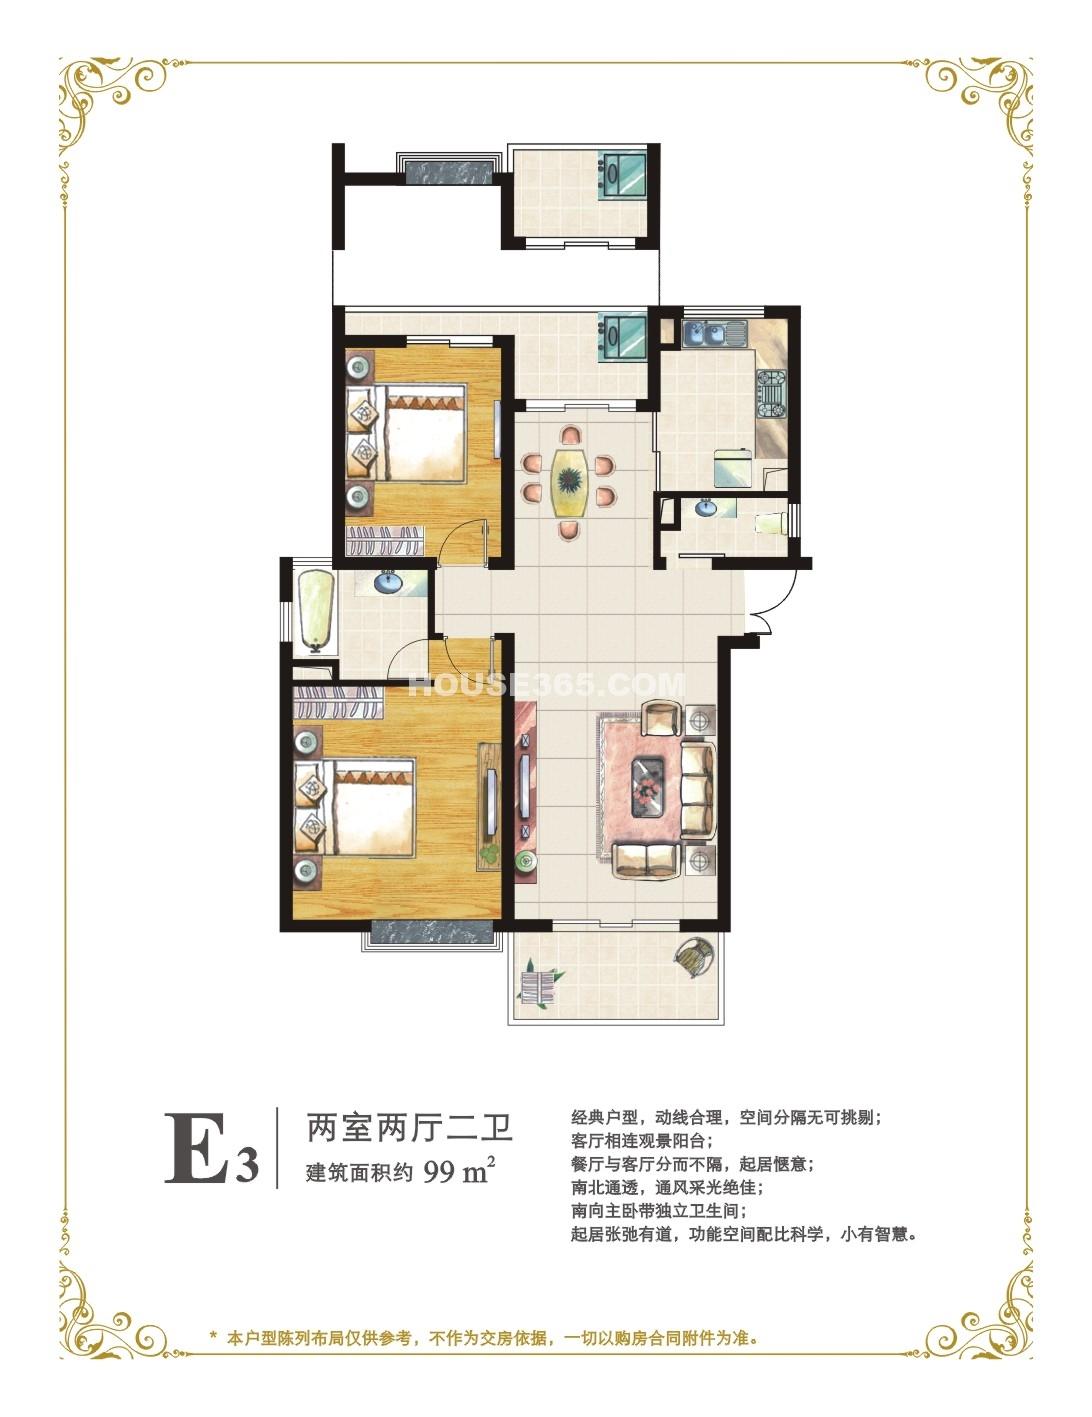 紫荆苑户型图